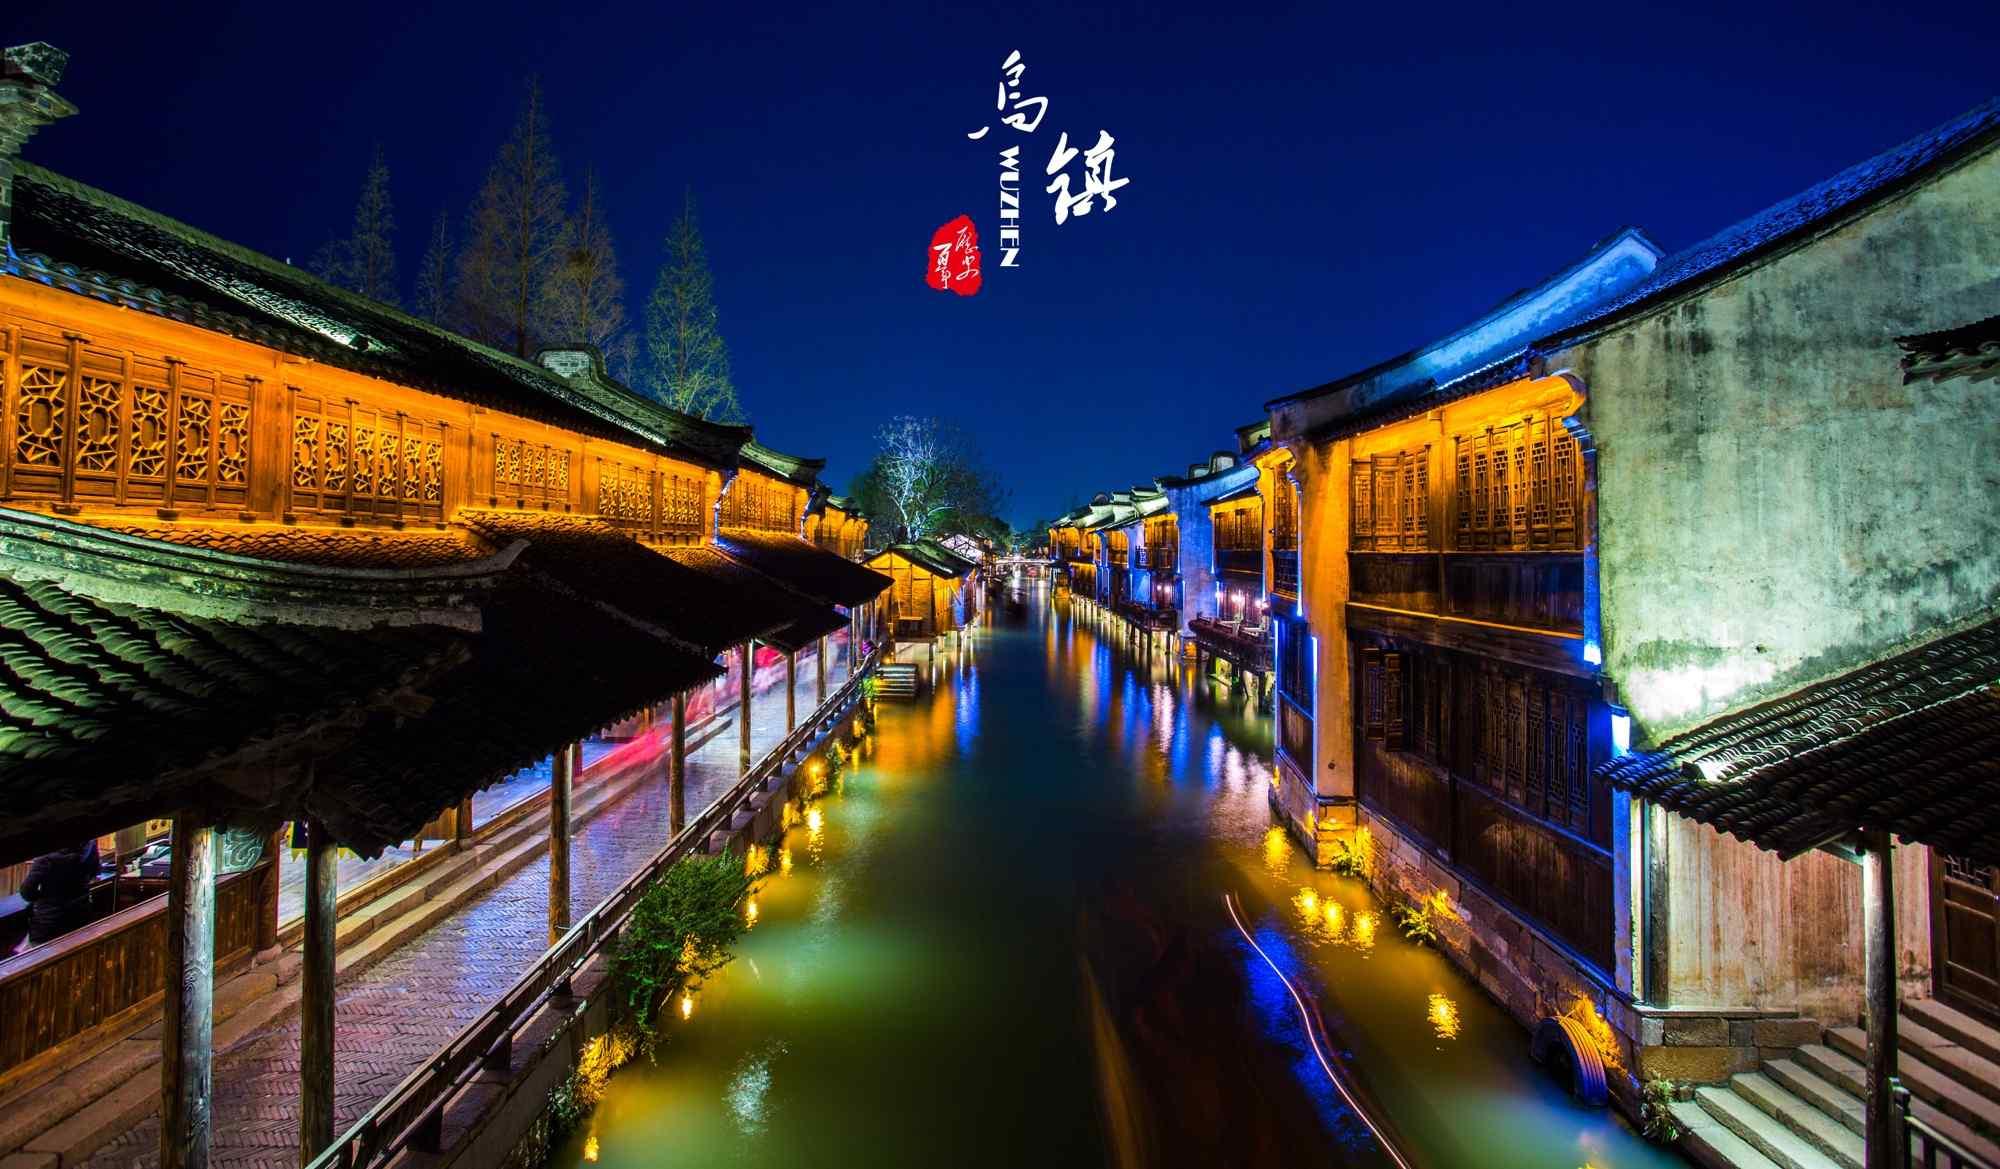 印象乌镇之夜景摄影壁纸